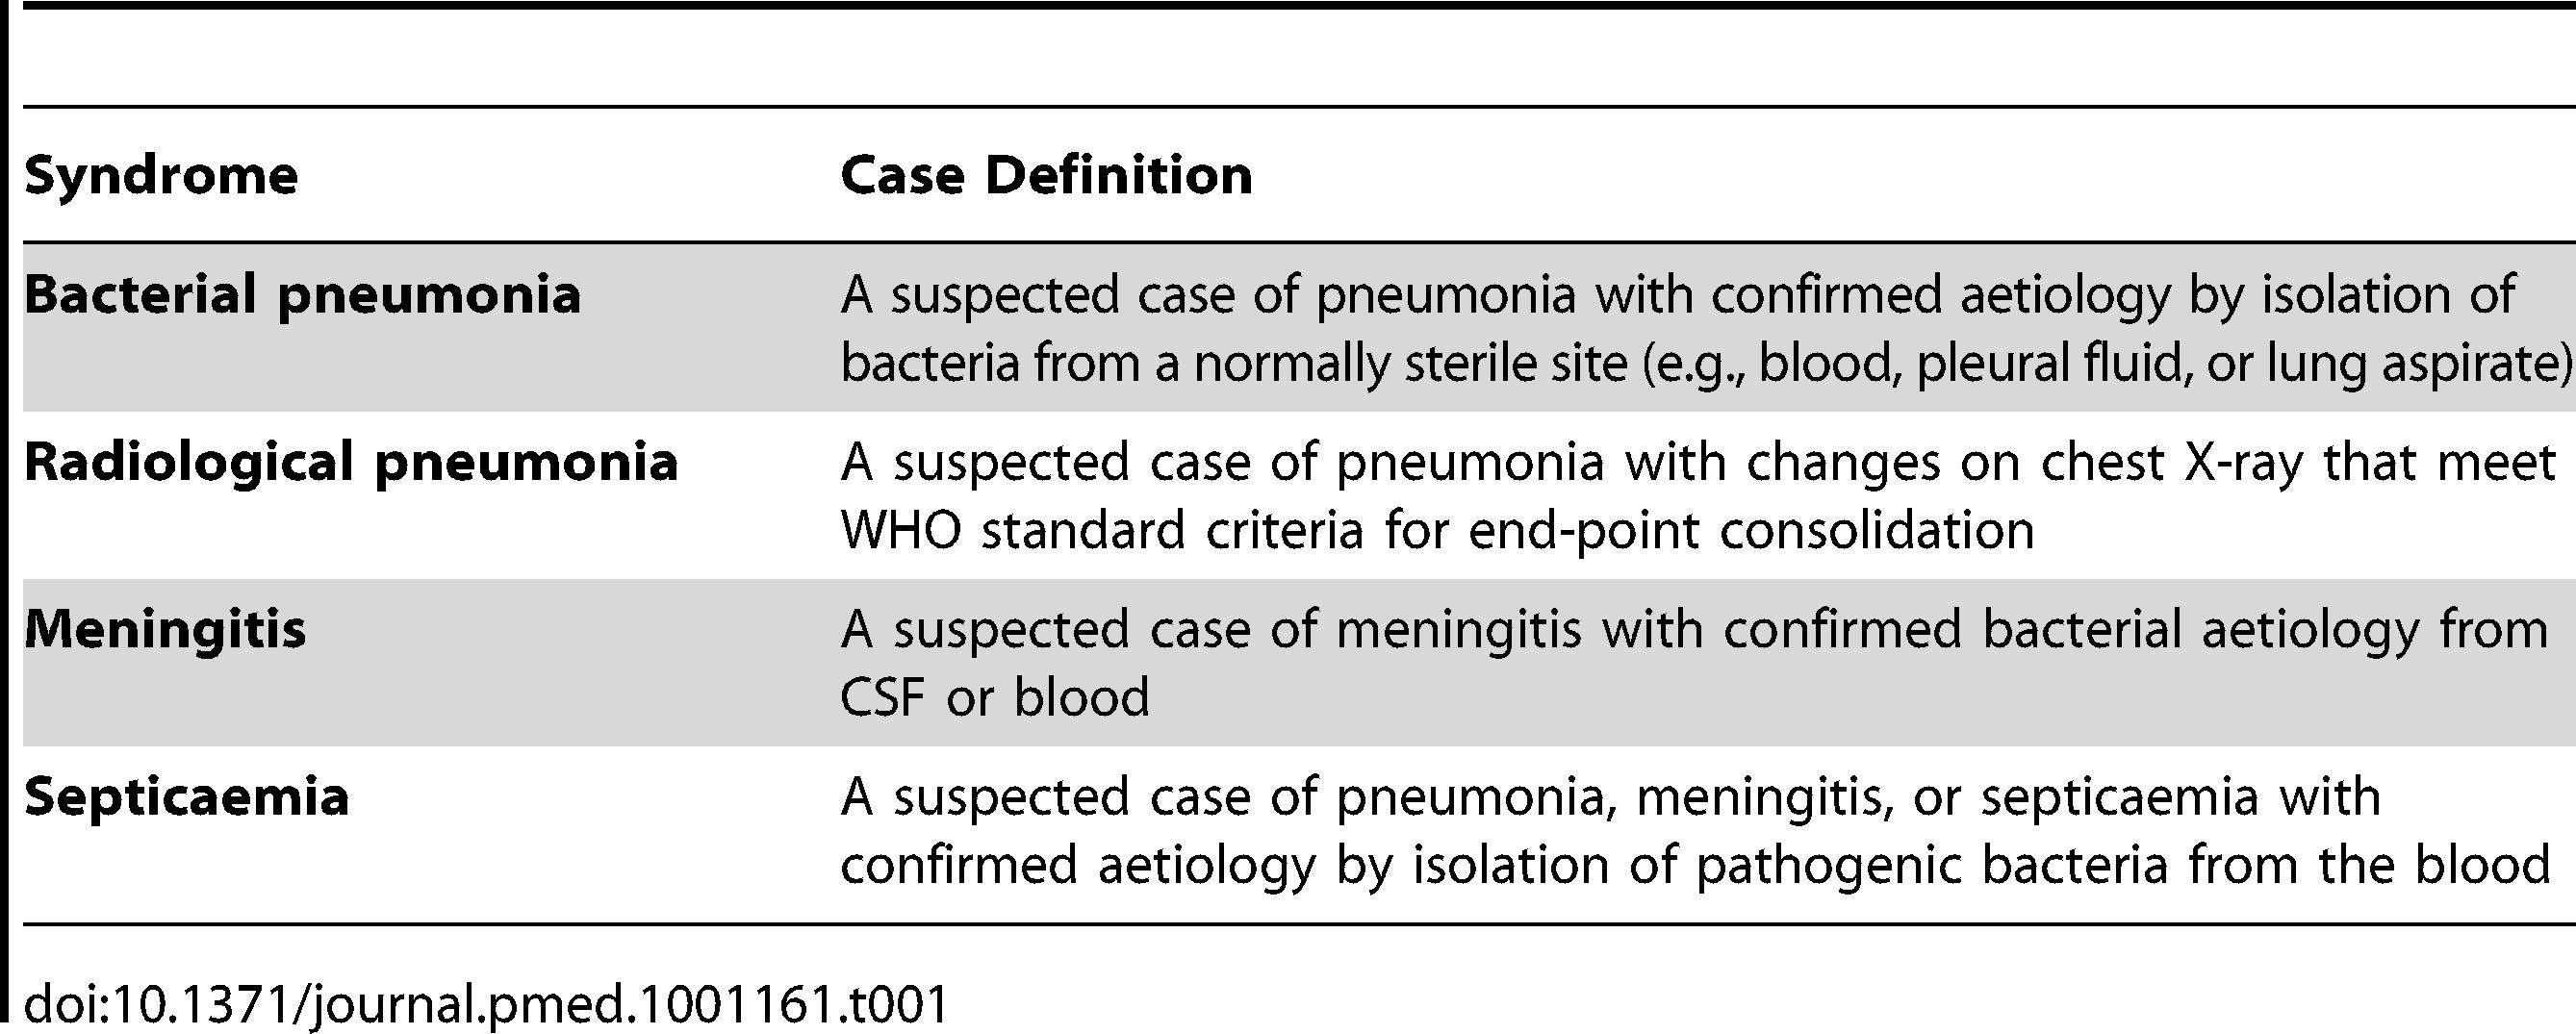 Case definitions for pneumonia, meningitis, and septicaemia.